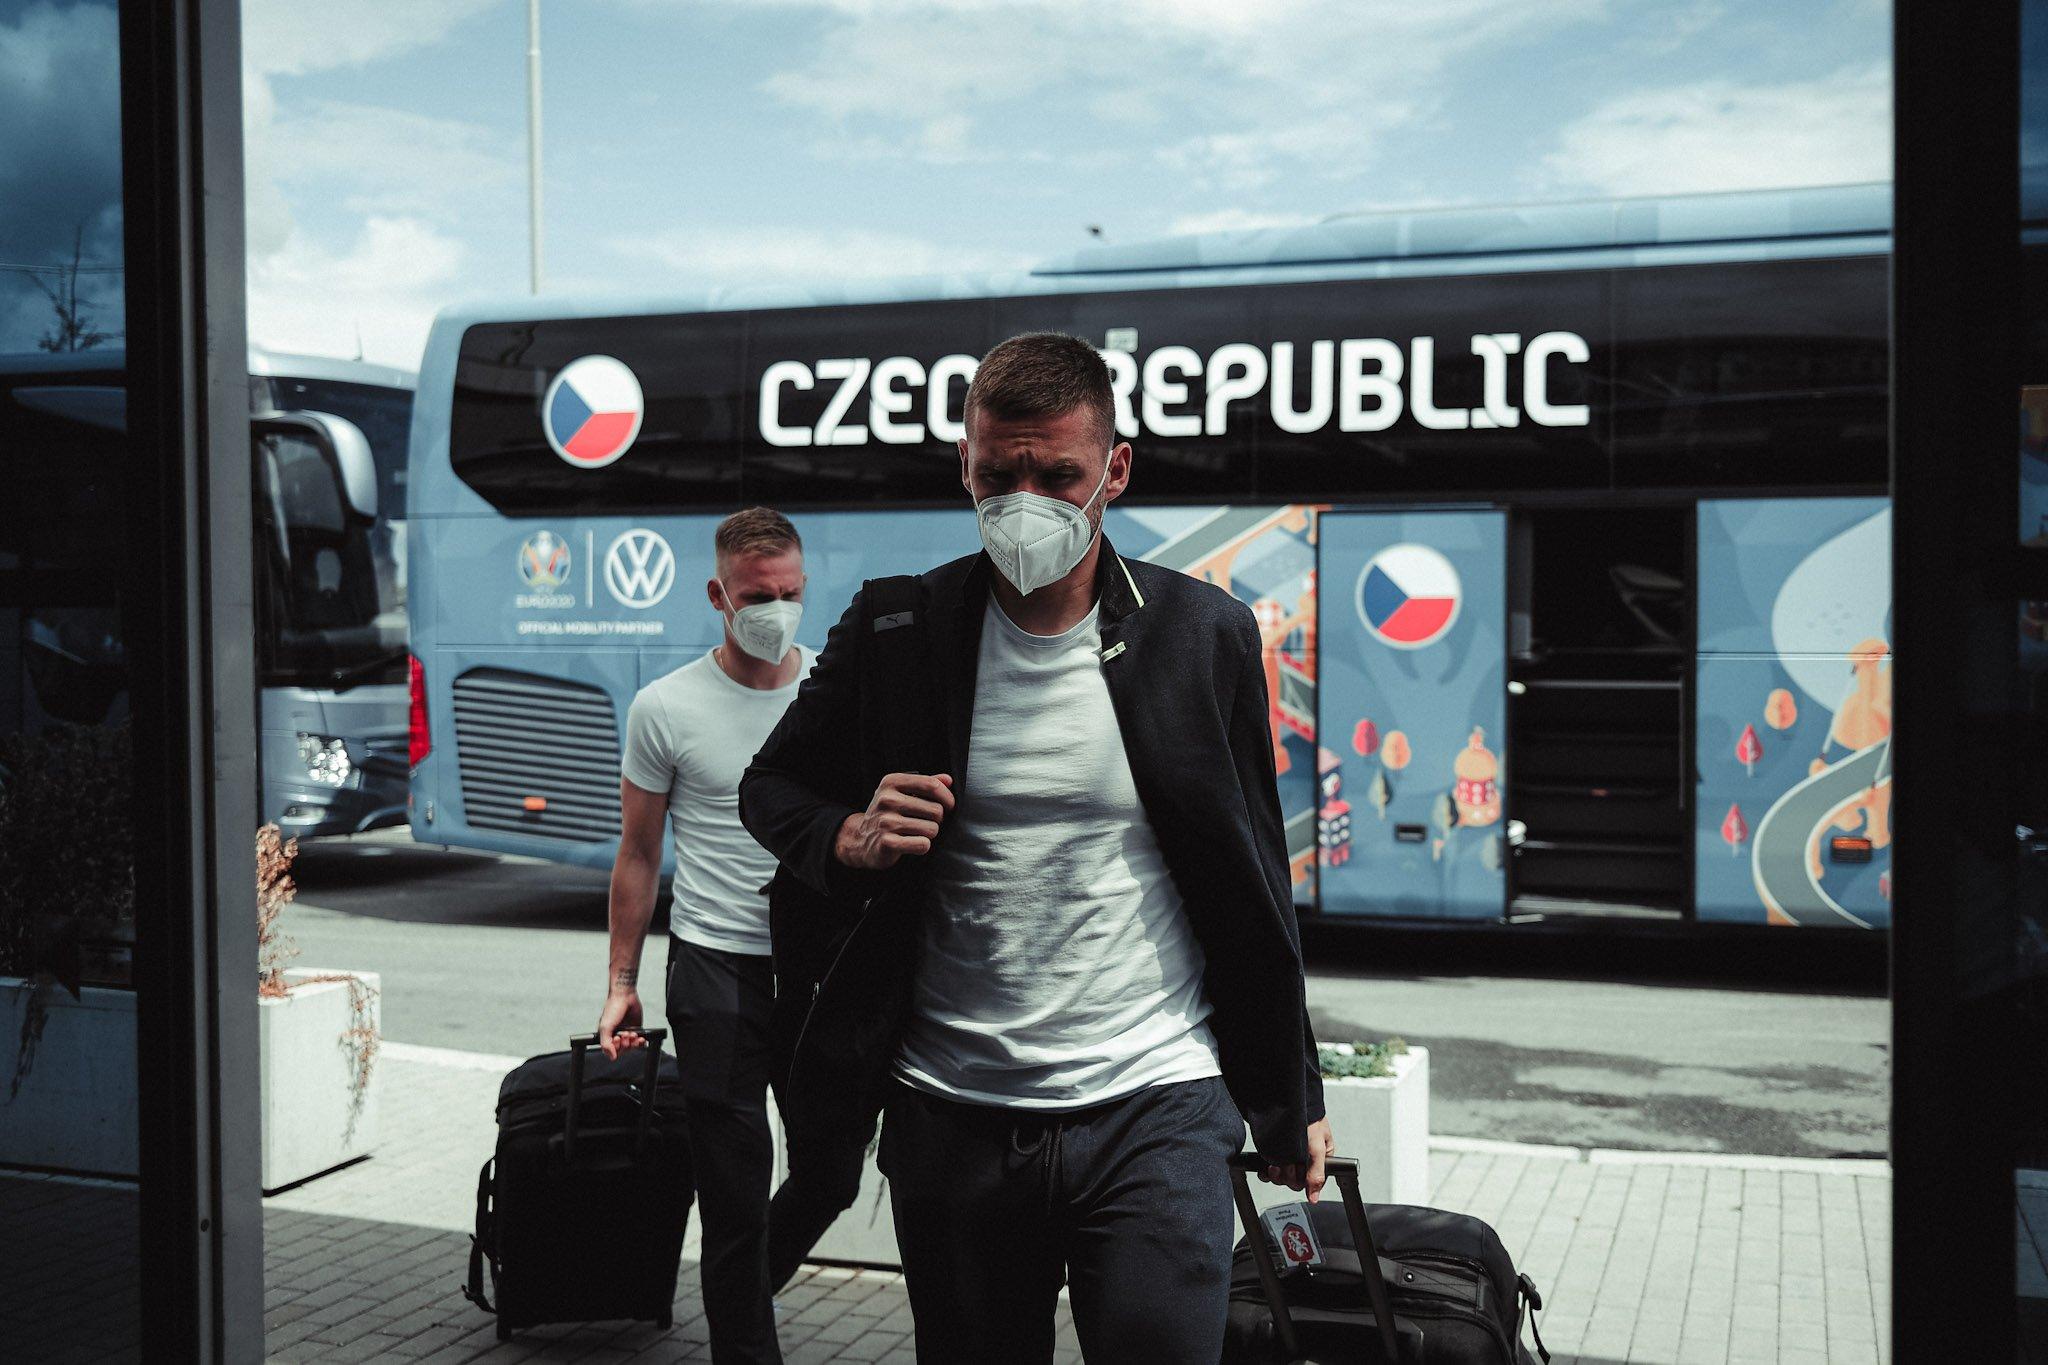 Чехия — Дания: ставки и коэффициенты букмекеров на матч Евро 3 июля